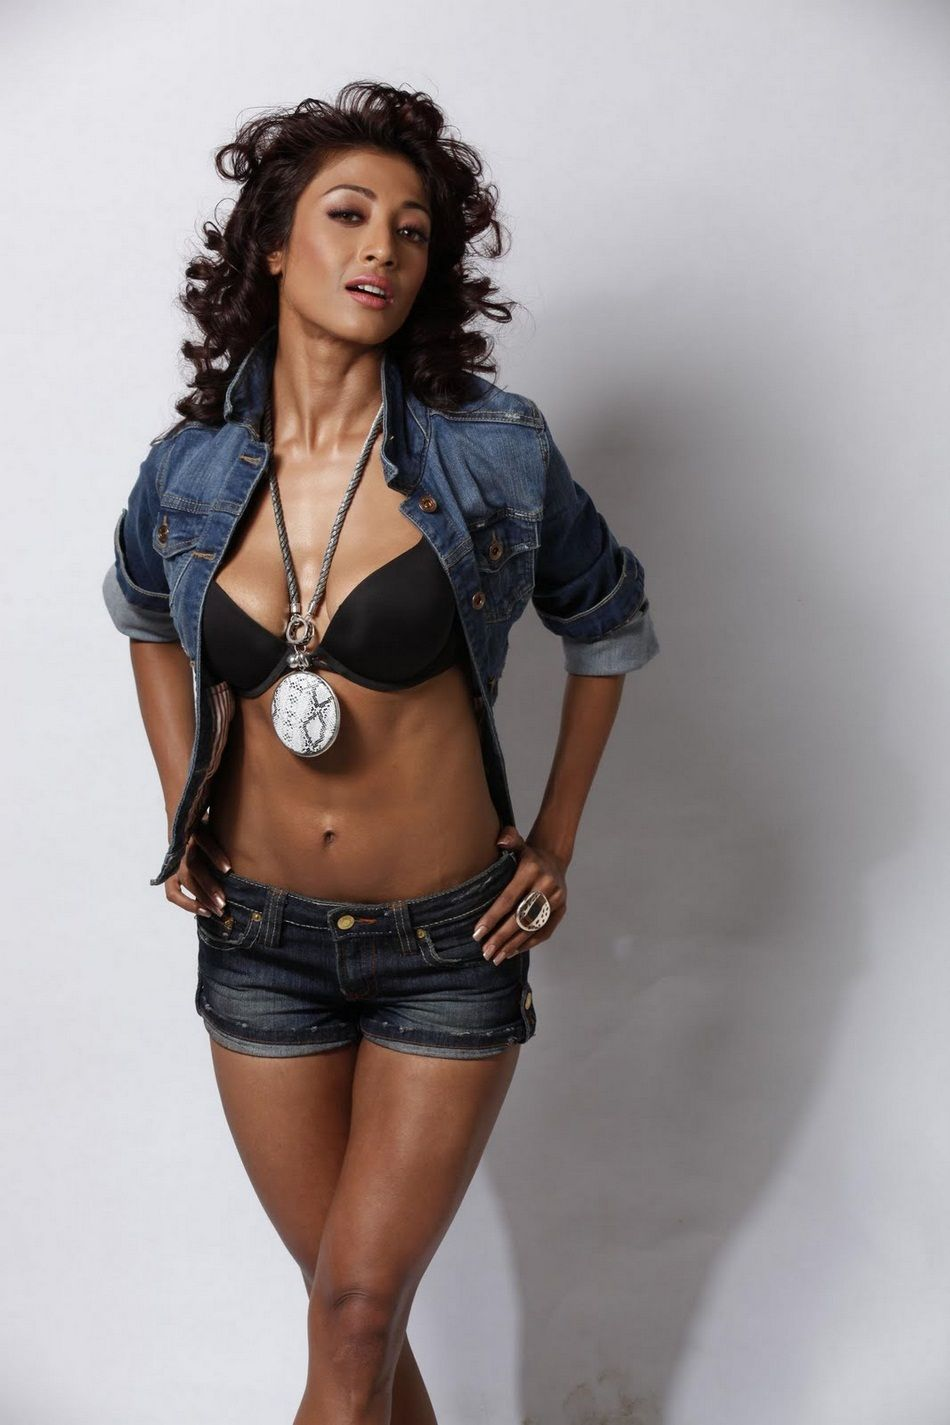 Paoli Dam  Bollywood Actress Hot, Indian Actresses, Women-6232